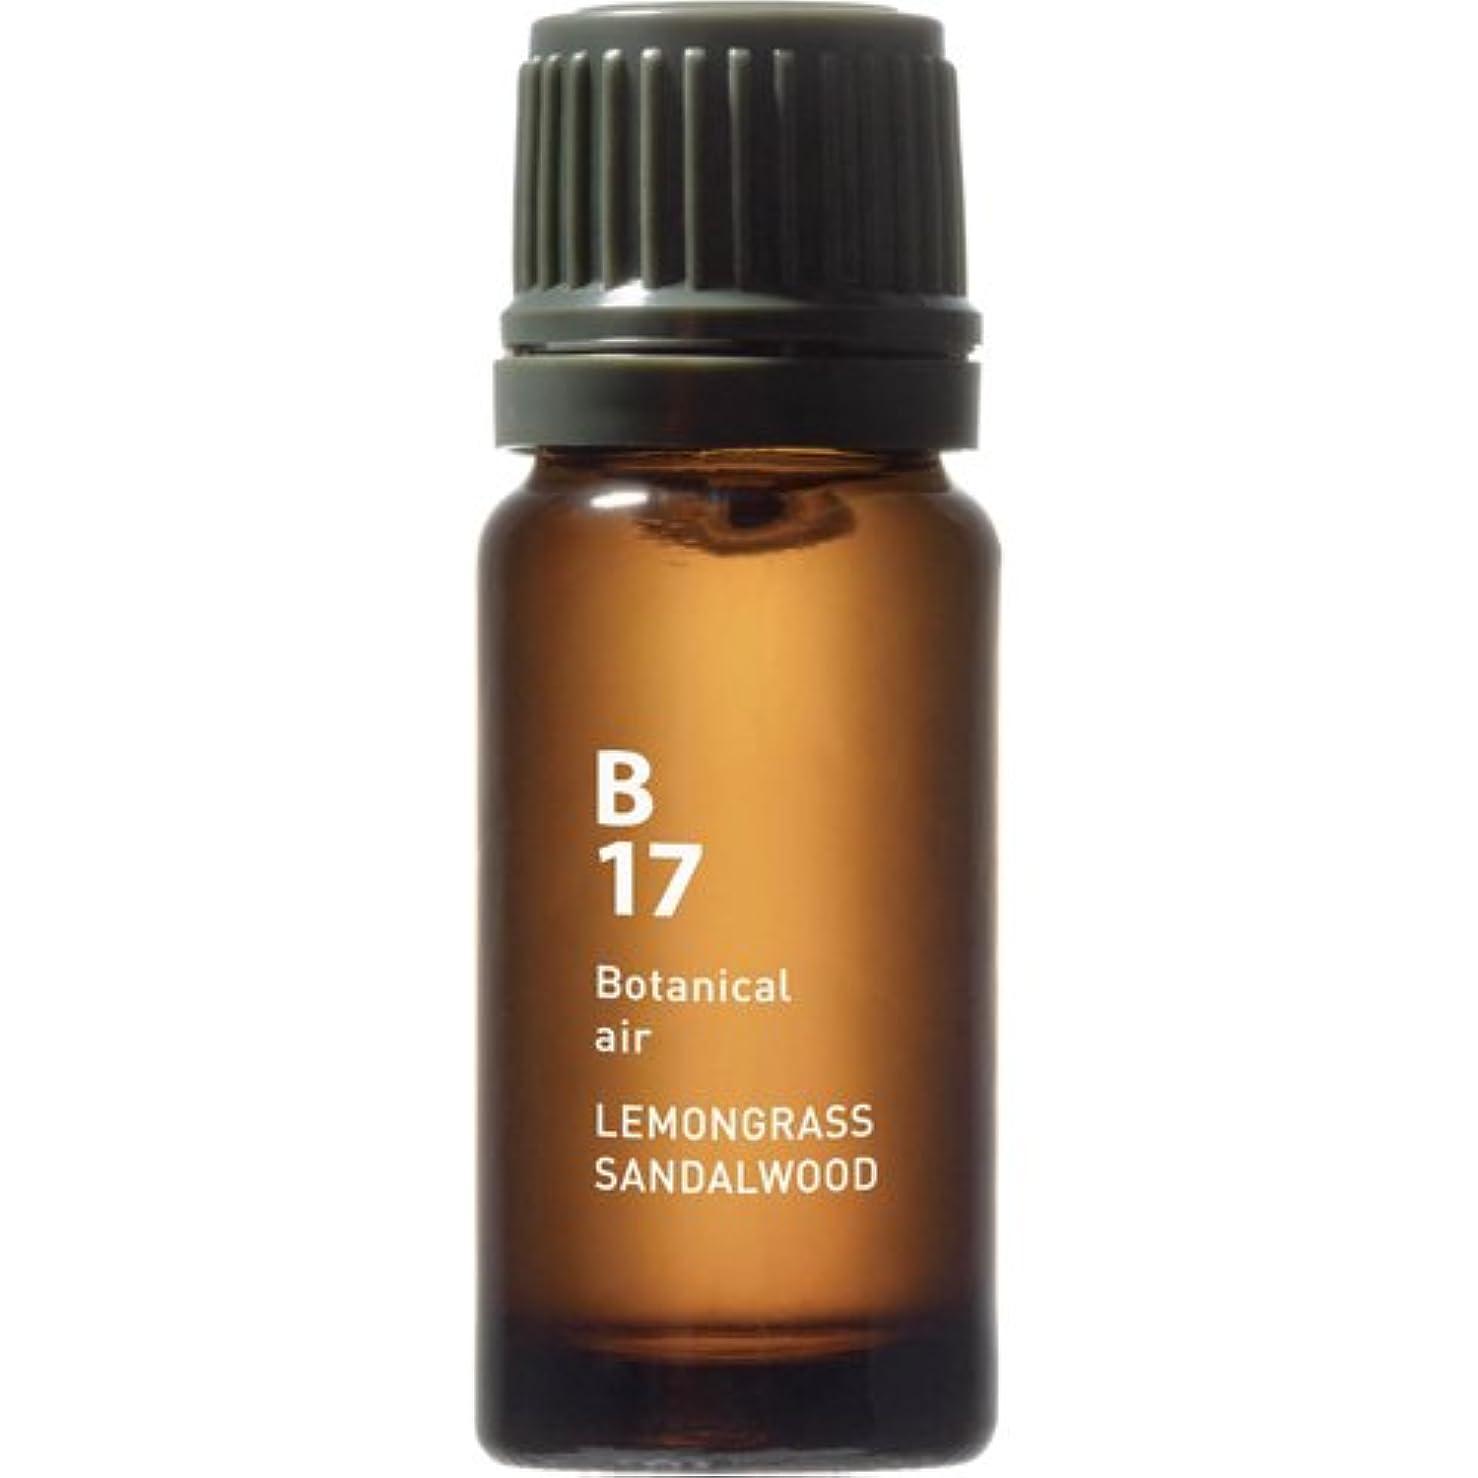 特許社会学一流B17 レモングラスサンダルウッド Botanical air(ボタニカルエアー) 10ml